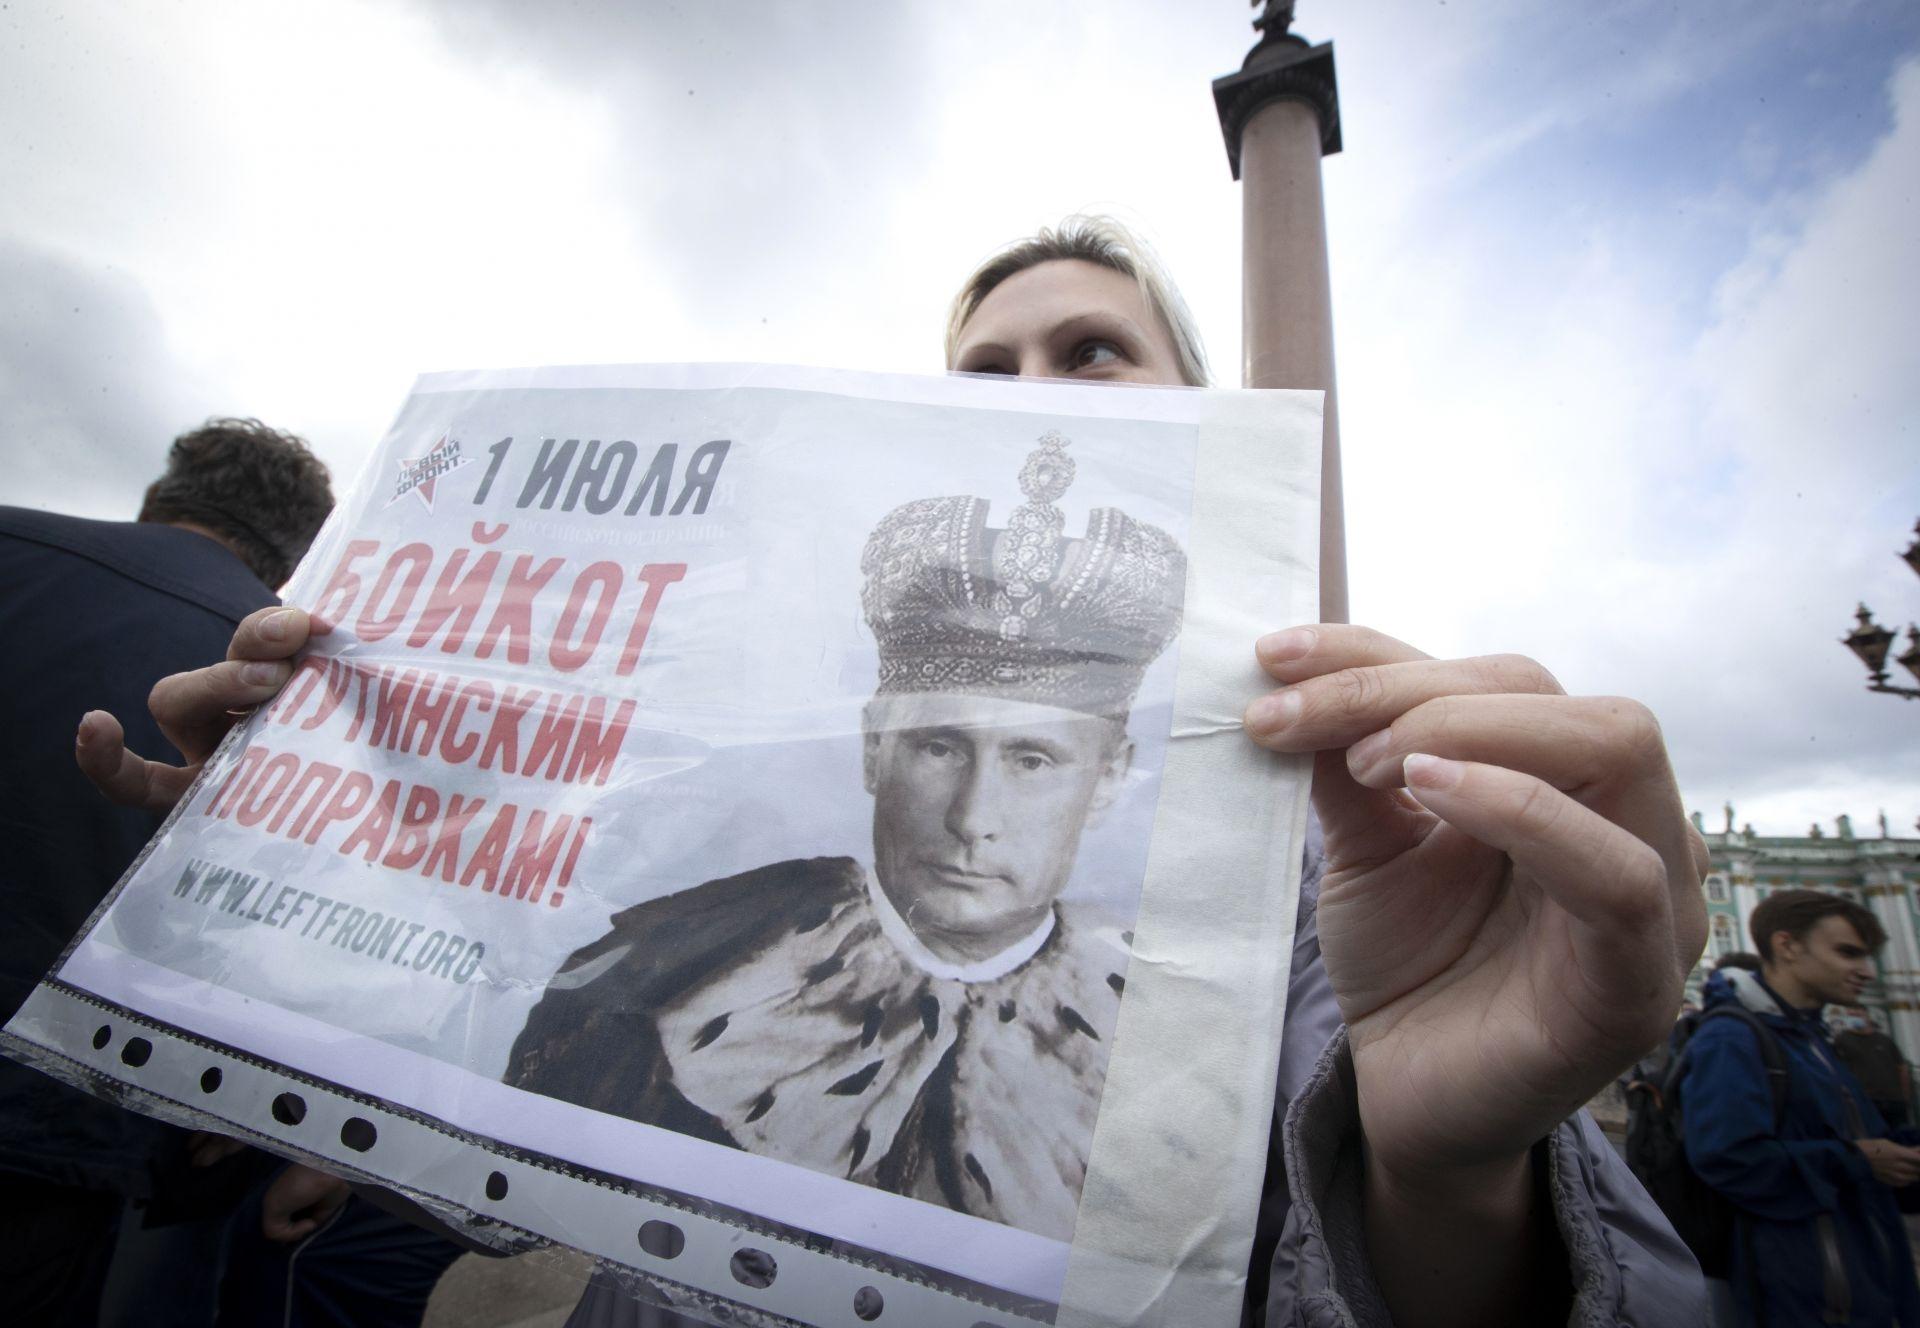 Въпреки масовата подкрепа за президента, имаше и руснаци, които се обявиха против промените - протест в Санкт Петербург